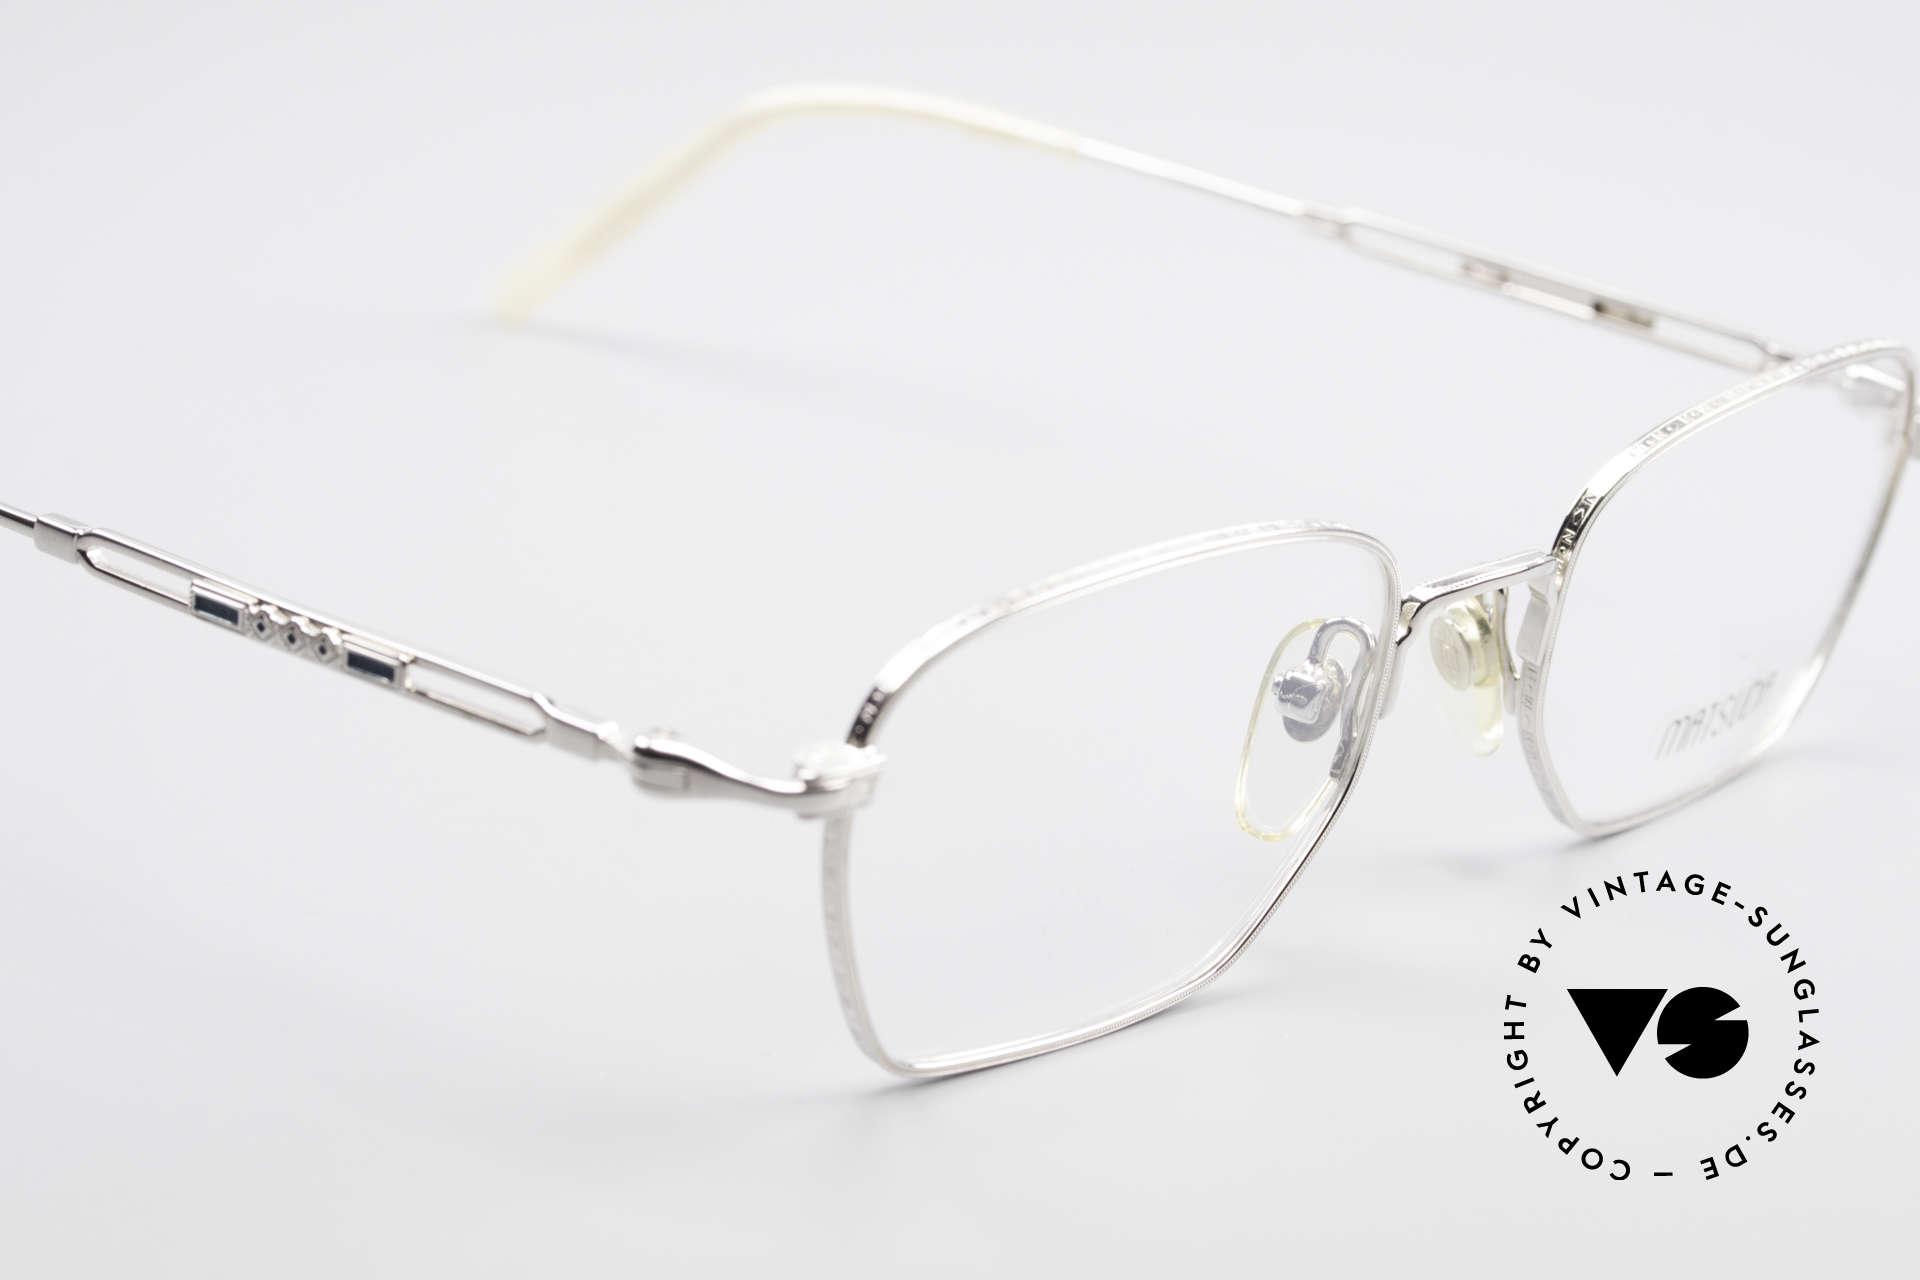 Matsuda 2882 Vintage Brillenfassung Eckig, ungetragenes Einzelstück für Qualitäts-Liebhaber, Passend für Herren